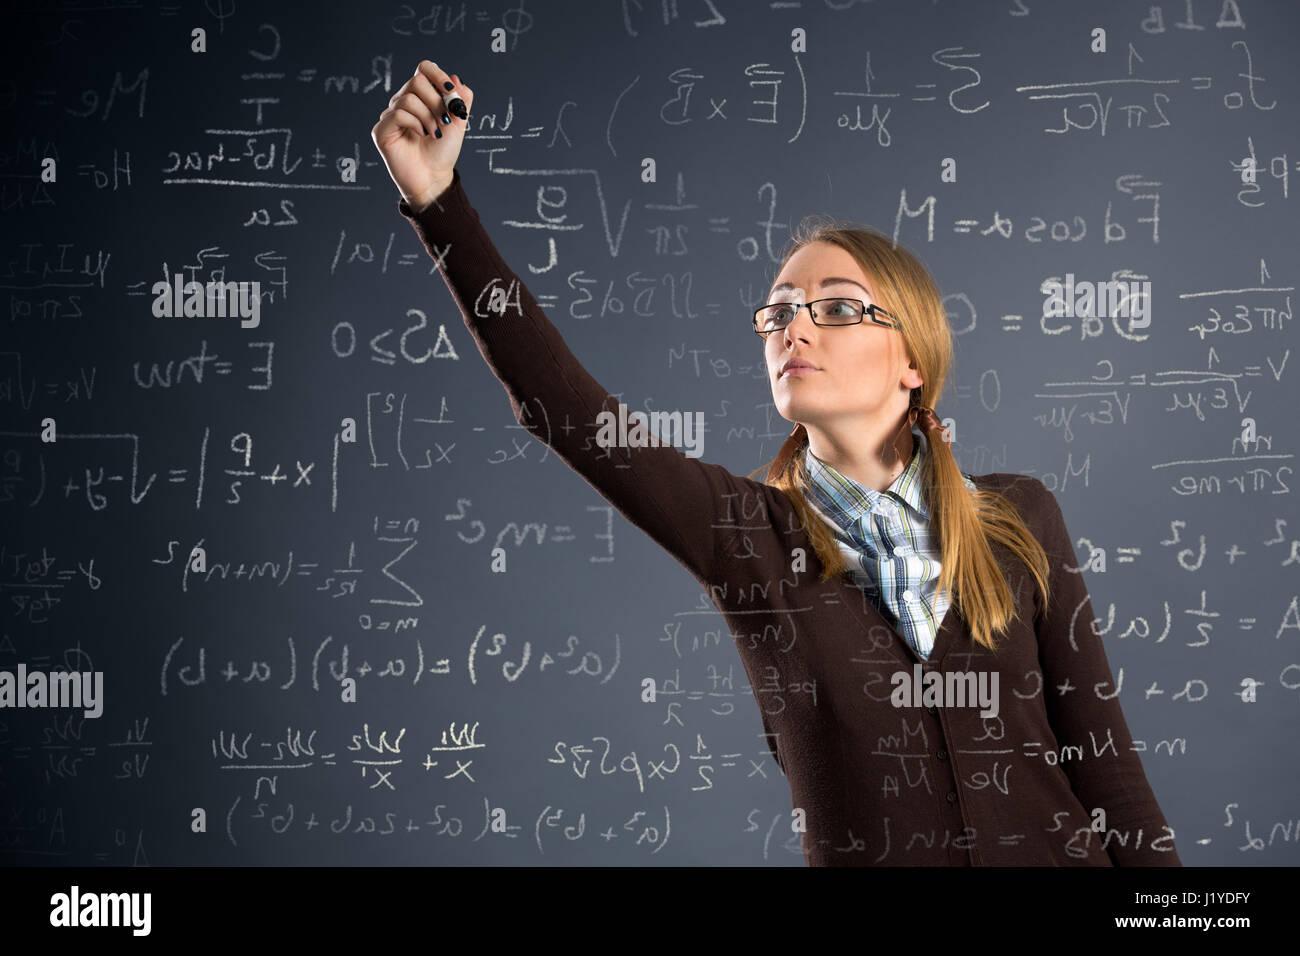 La scolaretta assegnazioni di lavoro di matematica sulla parete trasparente Immagini Stock